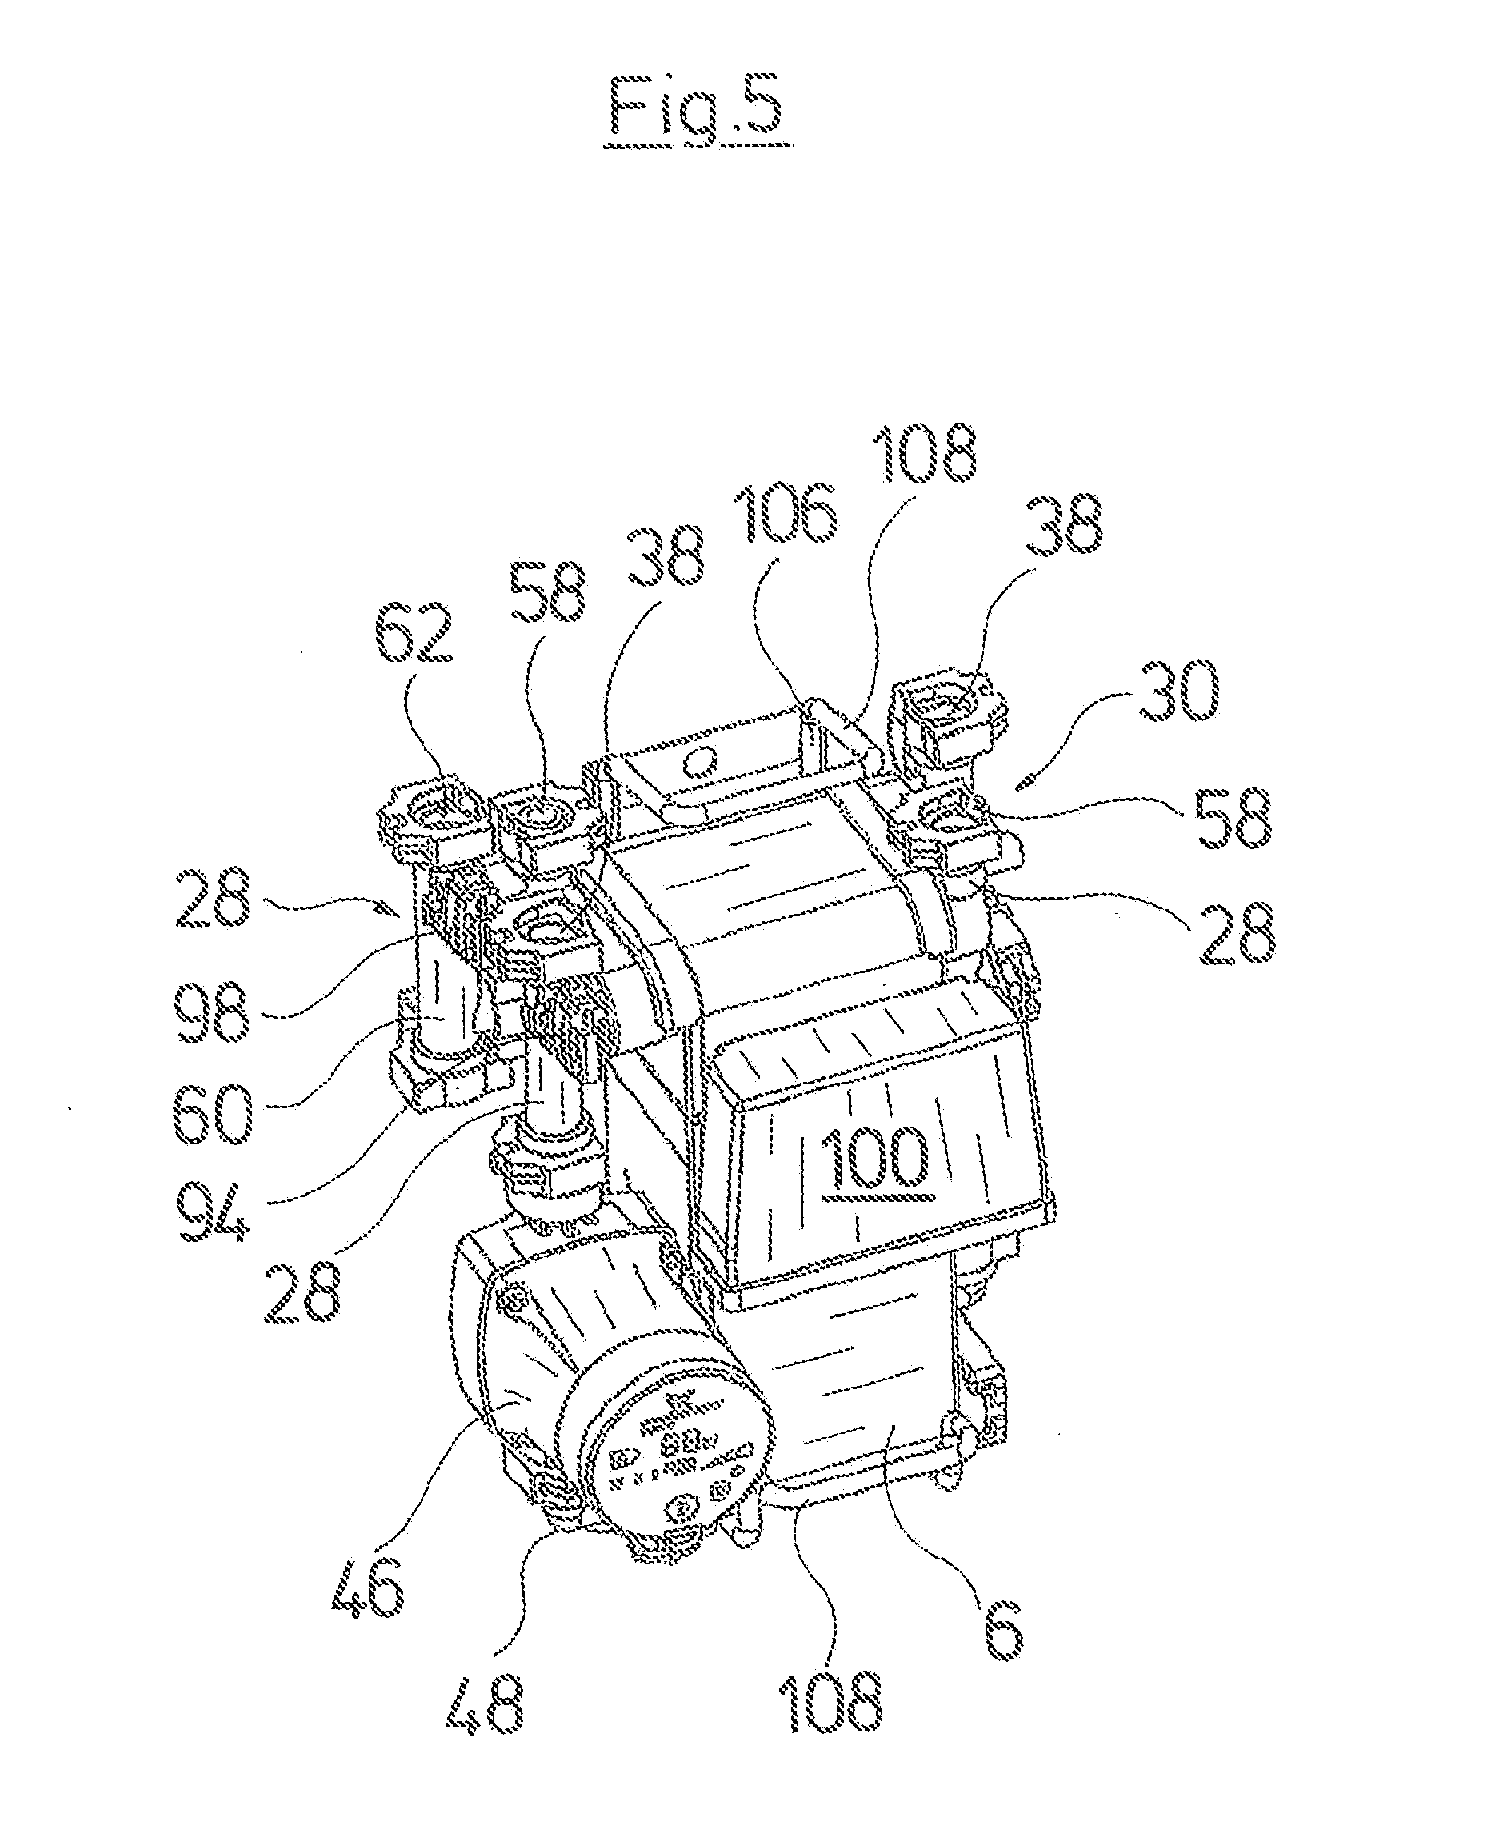 G1953795 Wiring Diagram. . Wiring Diagram on